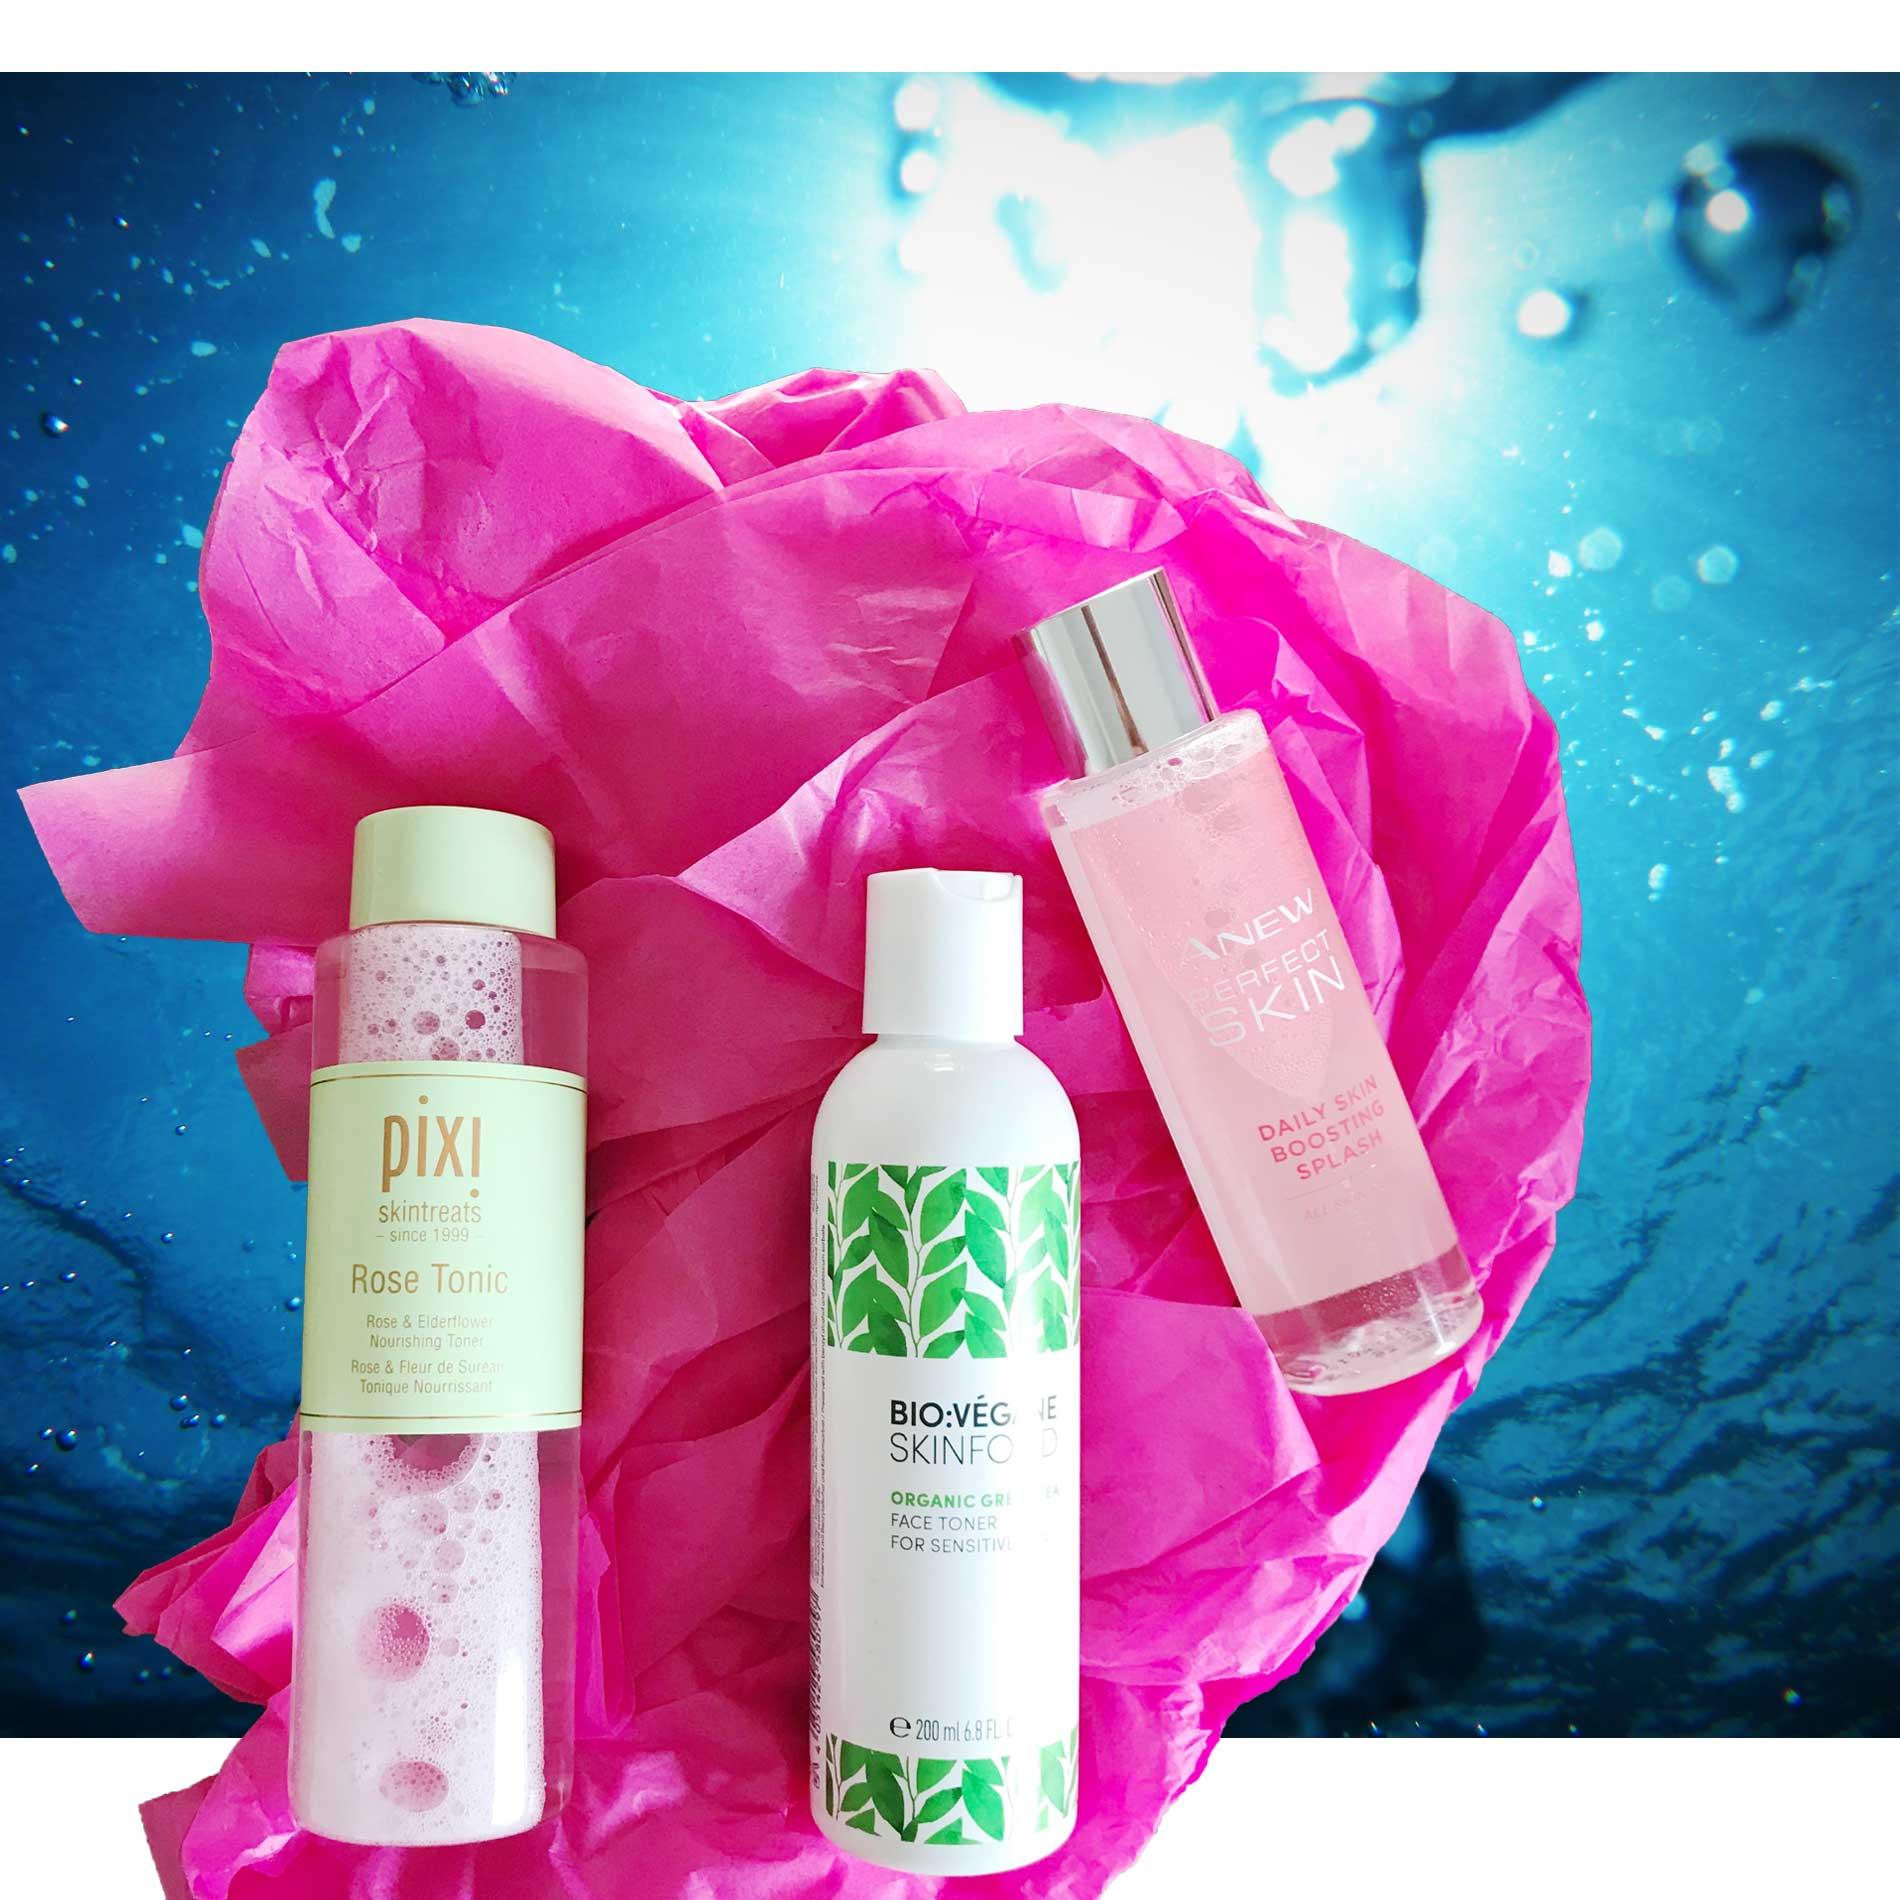 Gesichtswasser, Facial Tonic, Gesichtspflegen, Pflegeroutine, Beauty Picks, Beauty Trend, Gesichtswasser anwenden